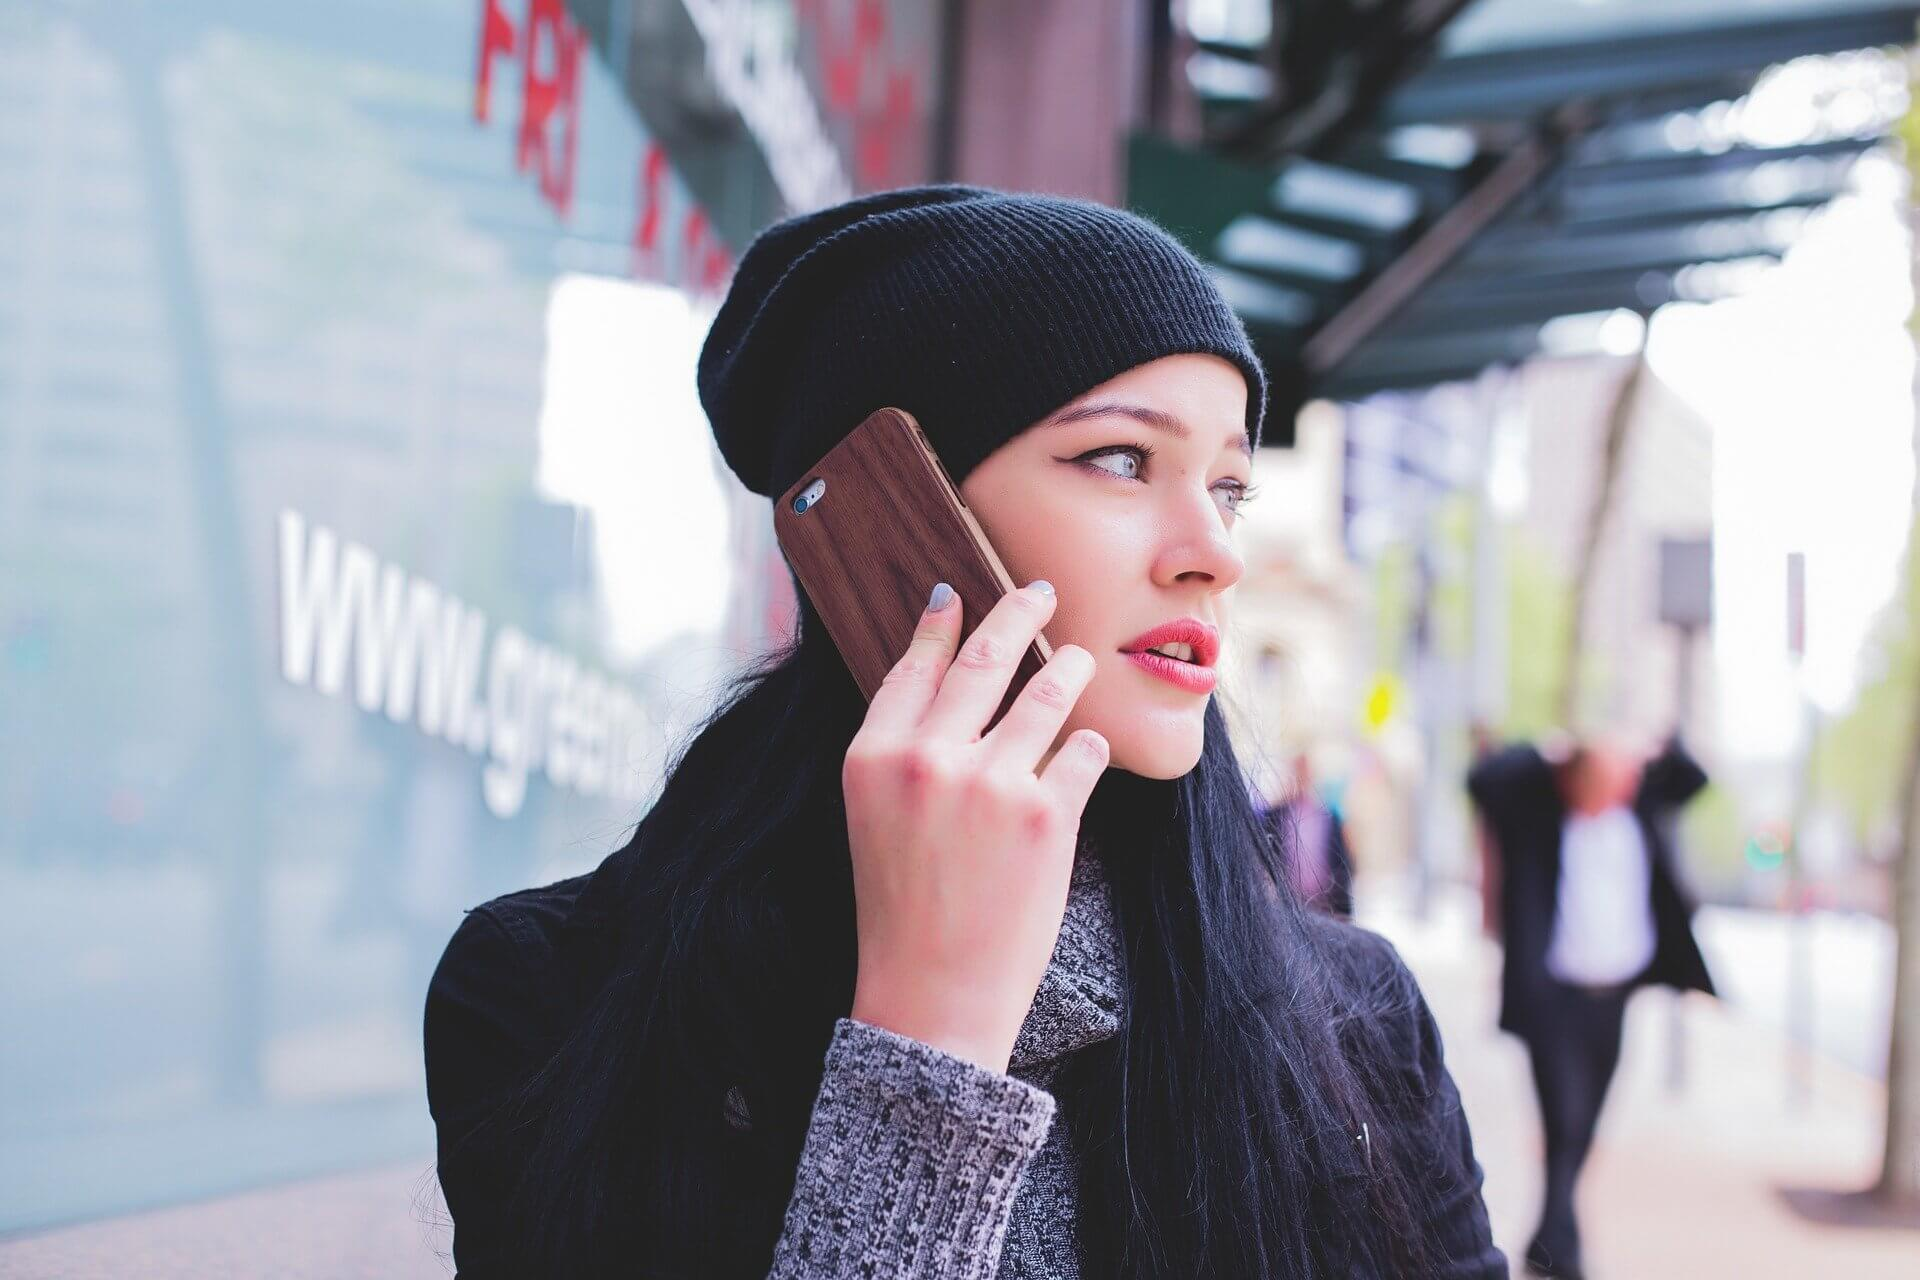 ネトナン(マッチングアプリ)の返信率を上げるファーストメッセージのコツ3選